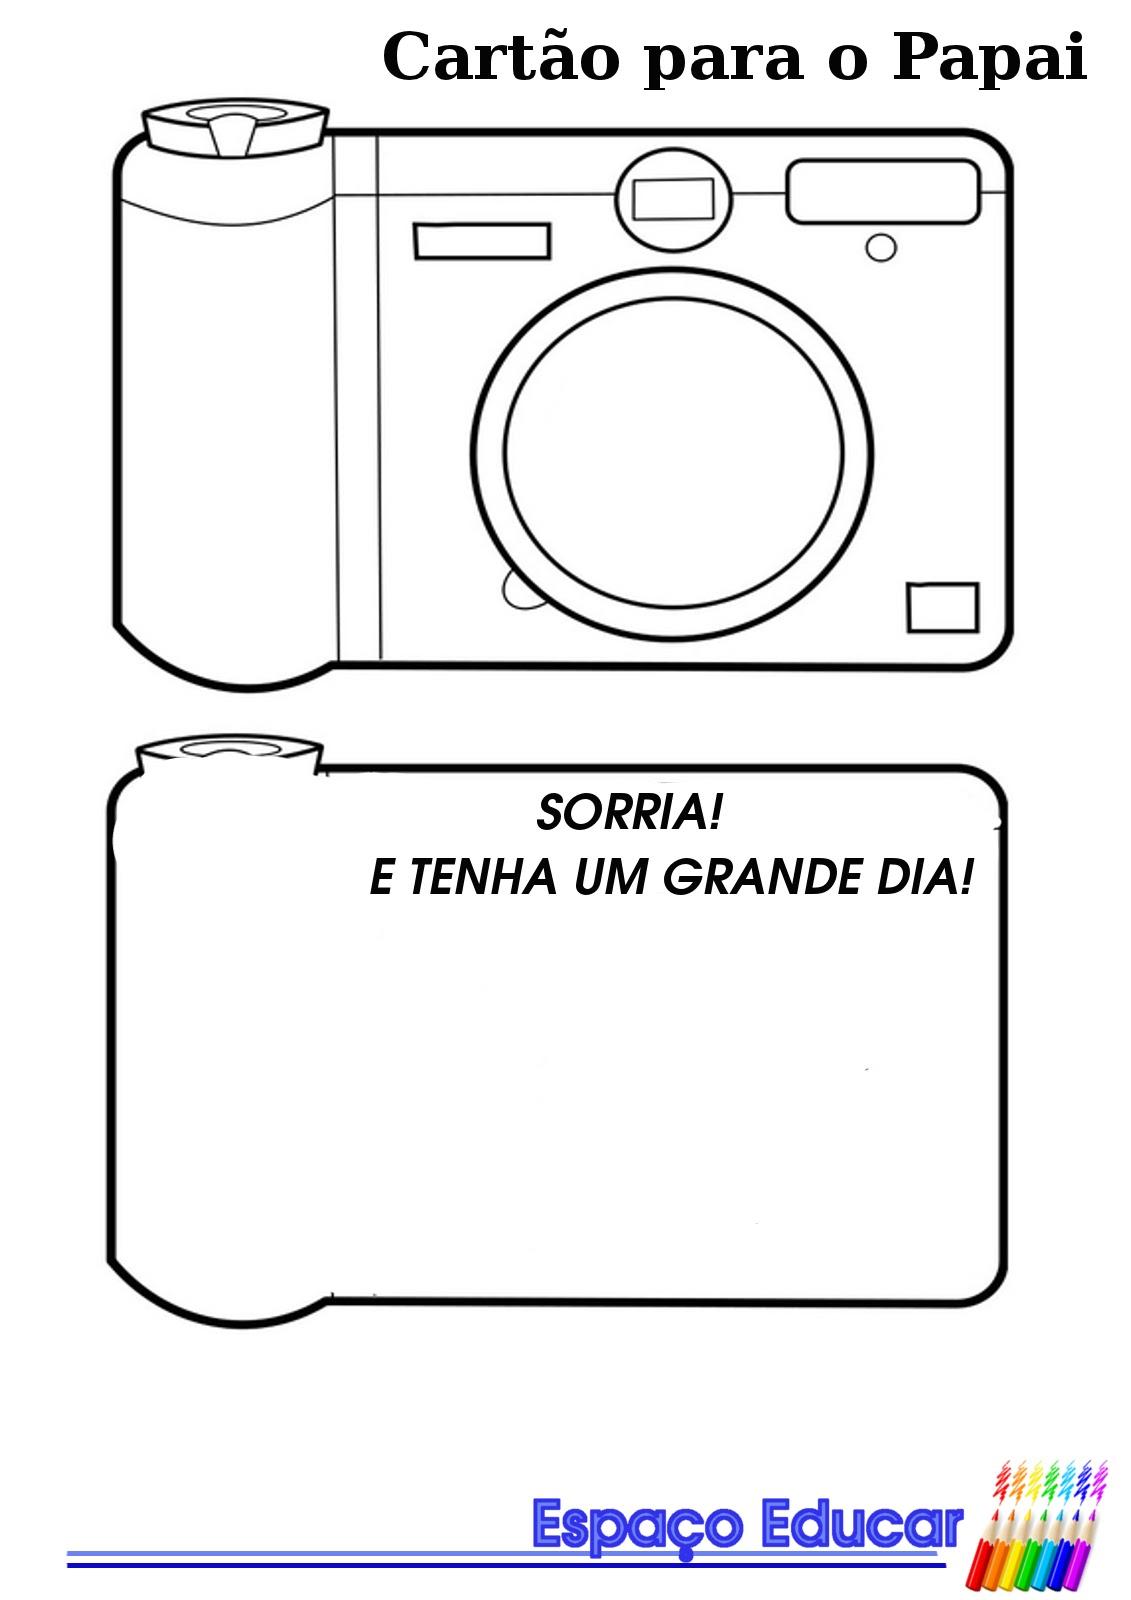 Cartão para o Dia dos Pais modelo máquina fotográfica! - ESPAÇO